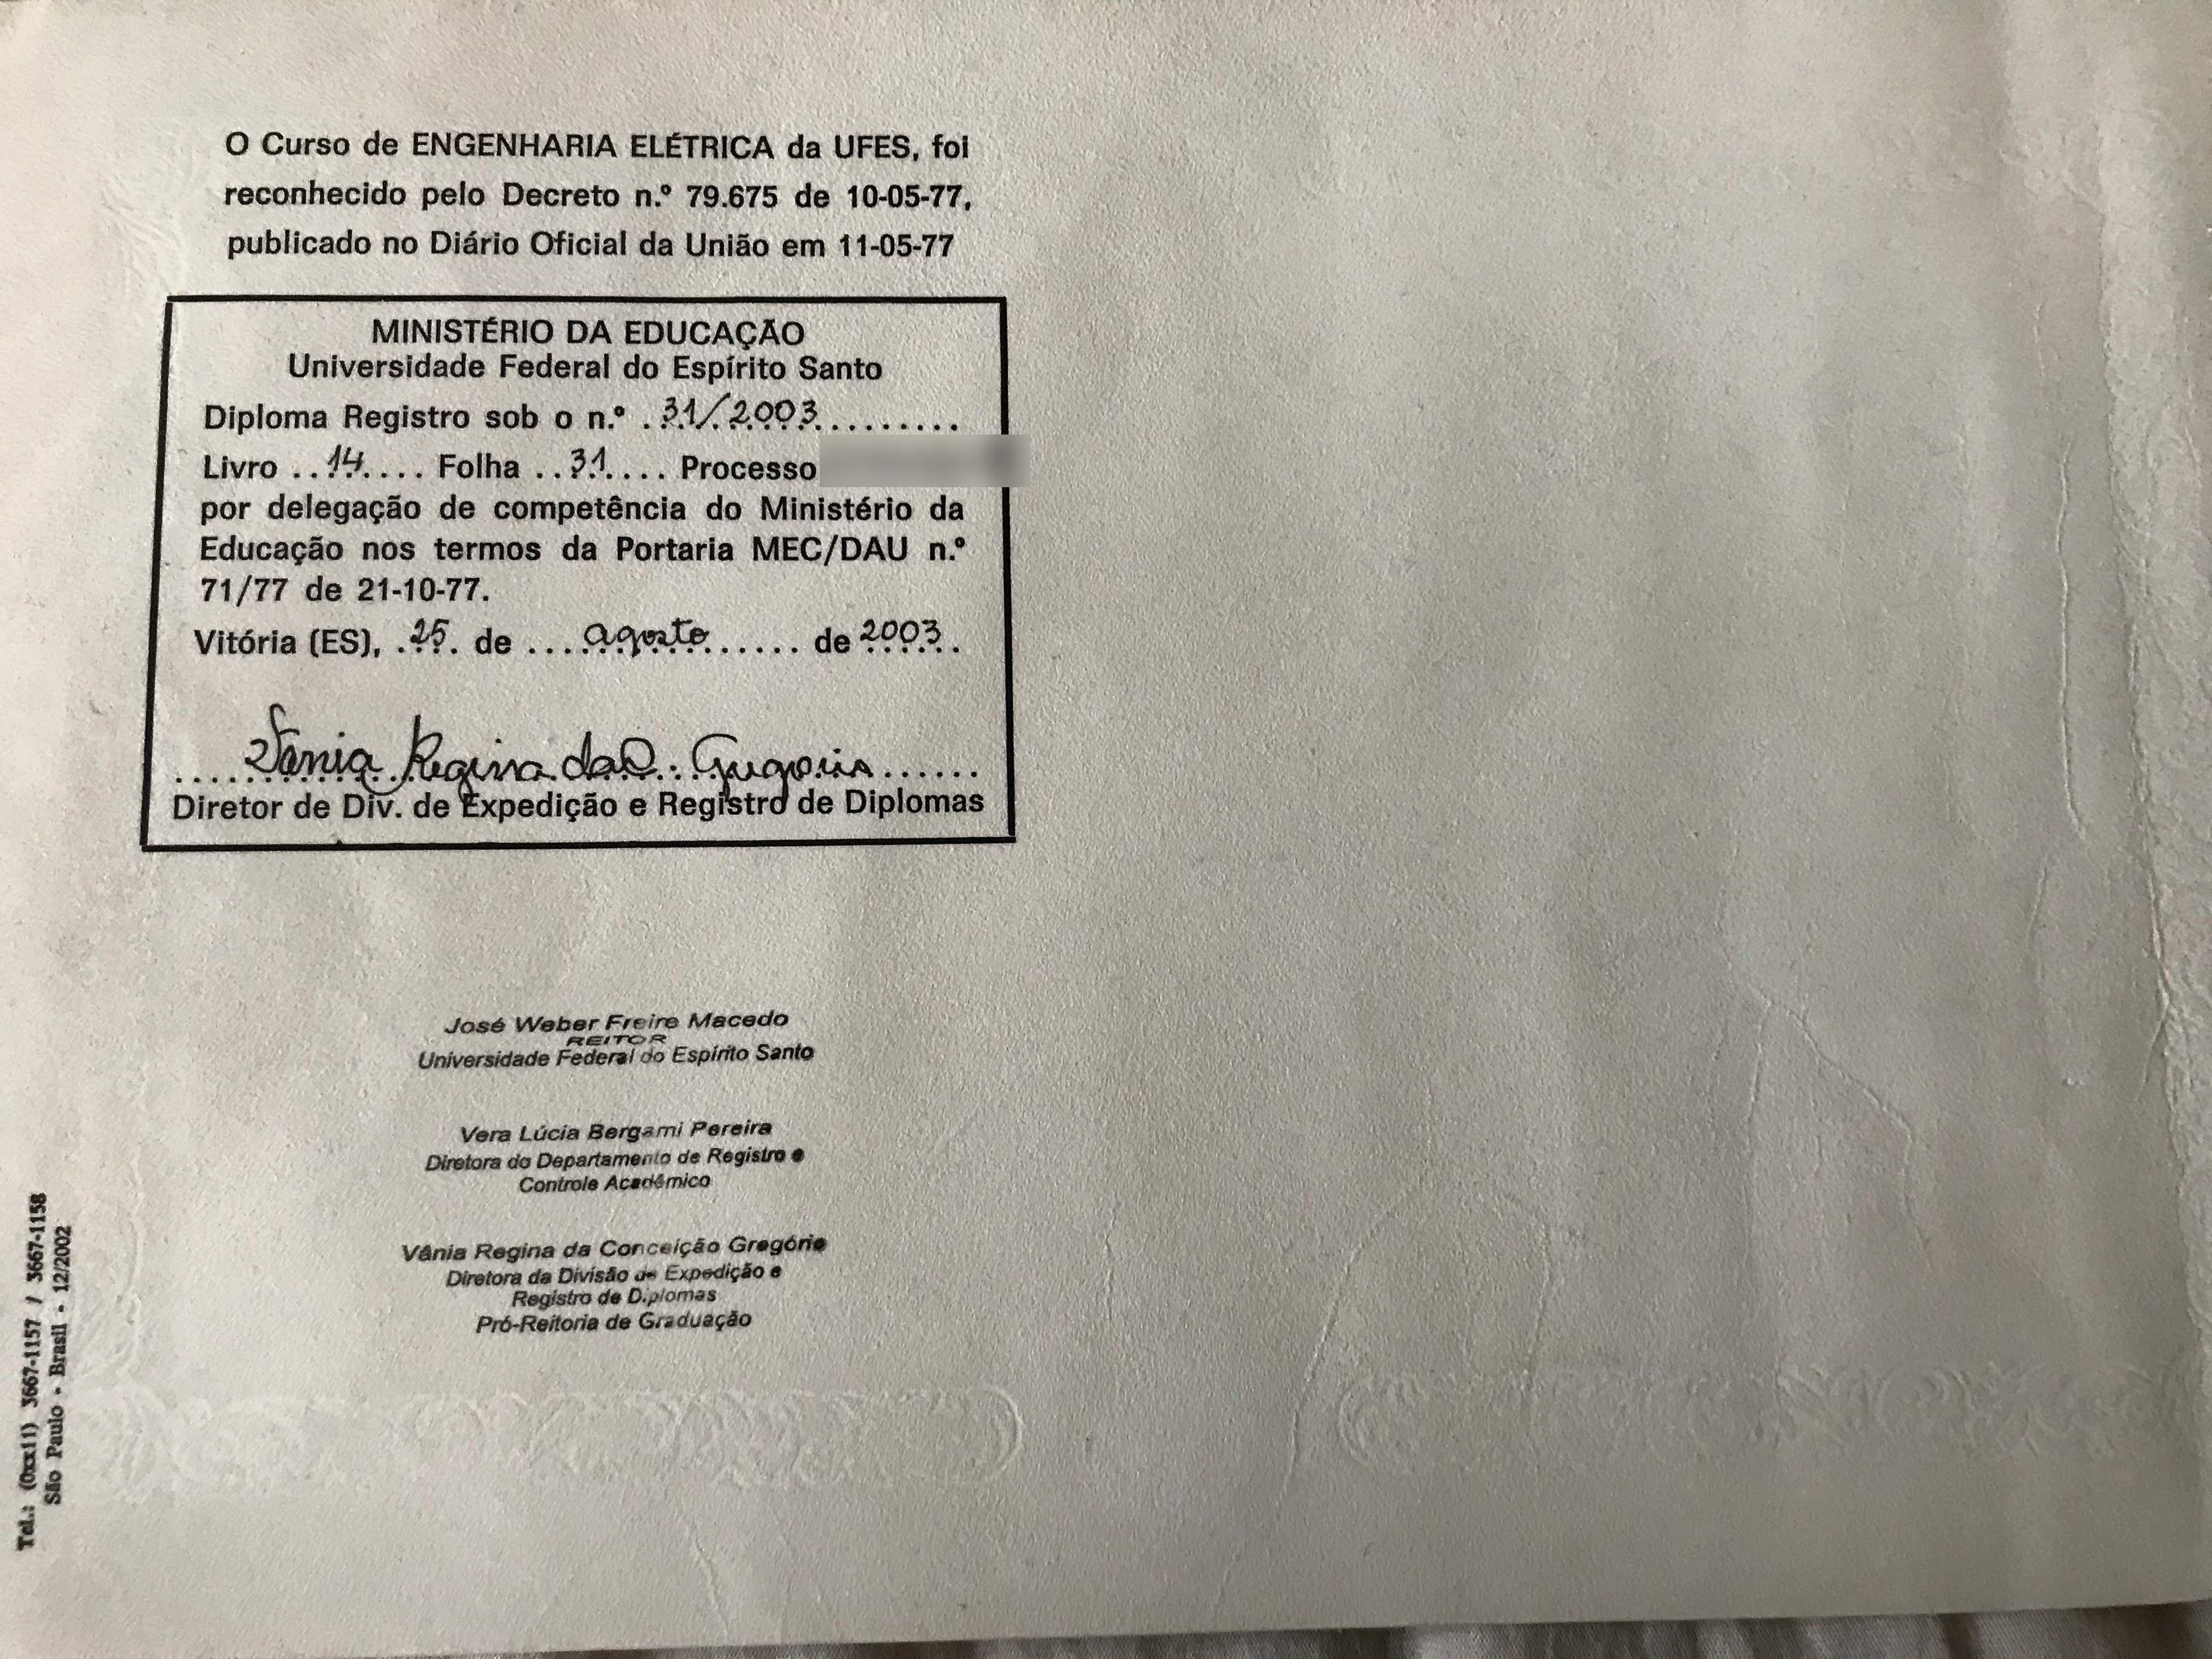 Claudio Souza Mattos Certifications Diplomas Awards